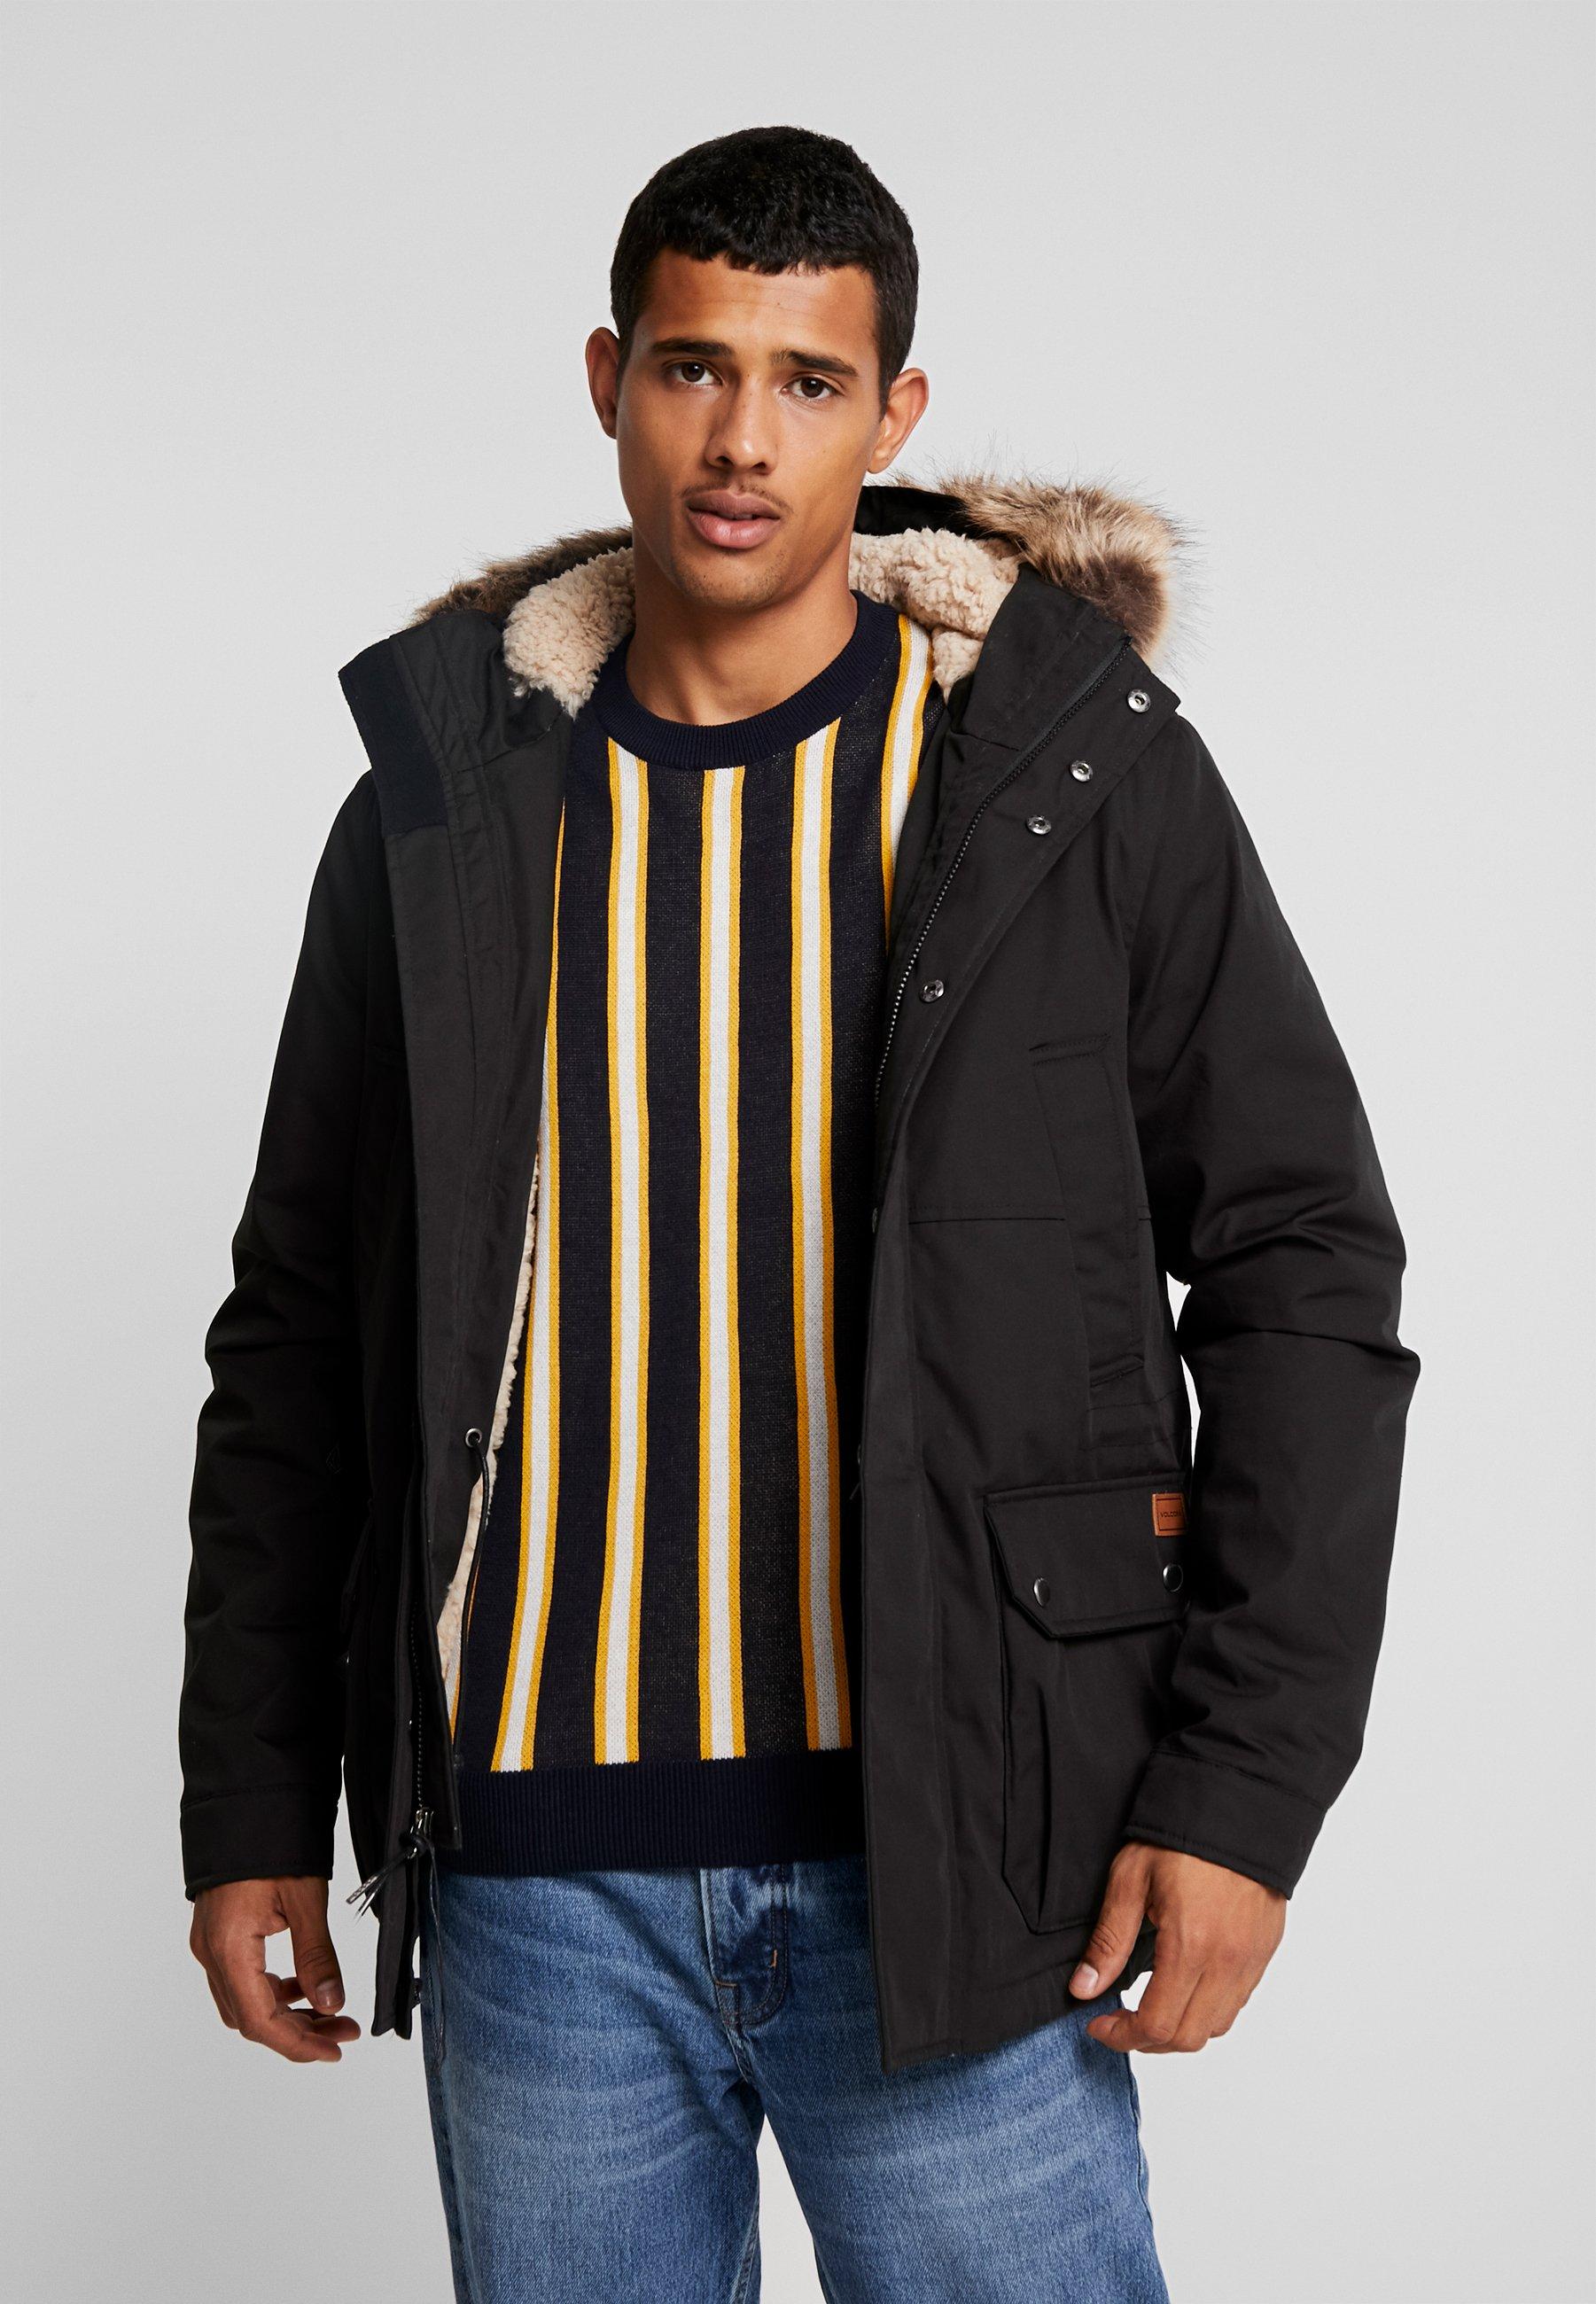 Veste d'hiver Volcom Lidward - Tailles XS, L & XL (Vendeur tiers)